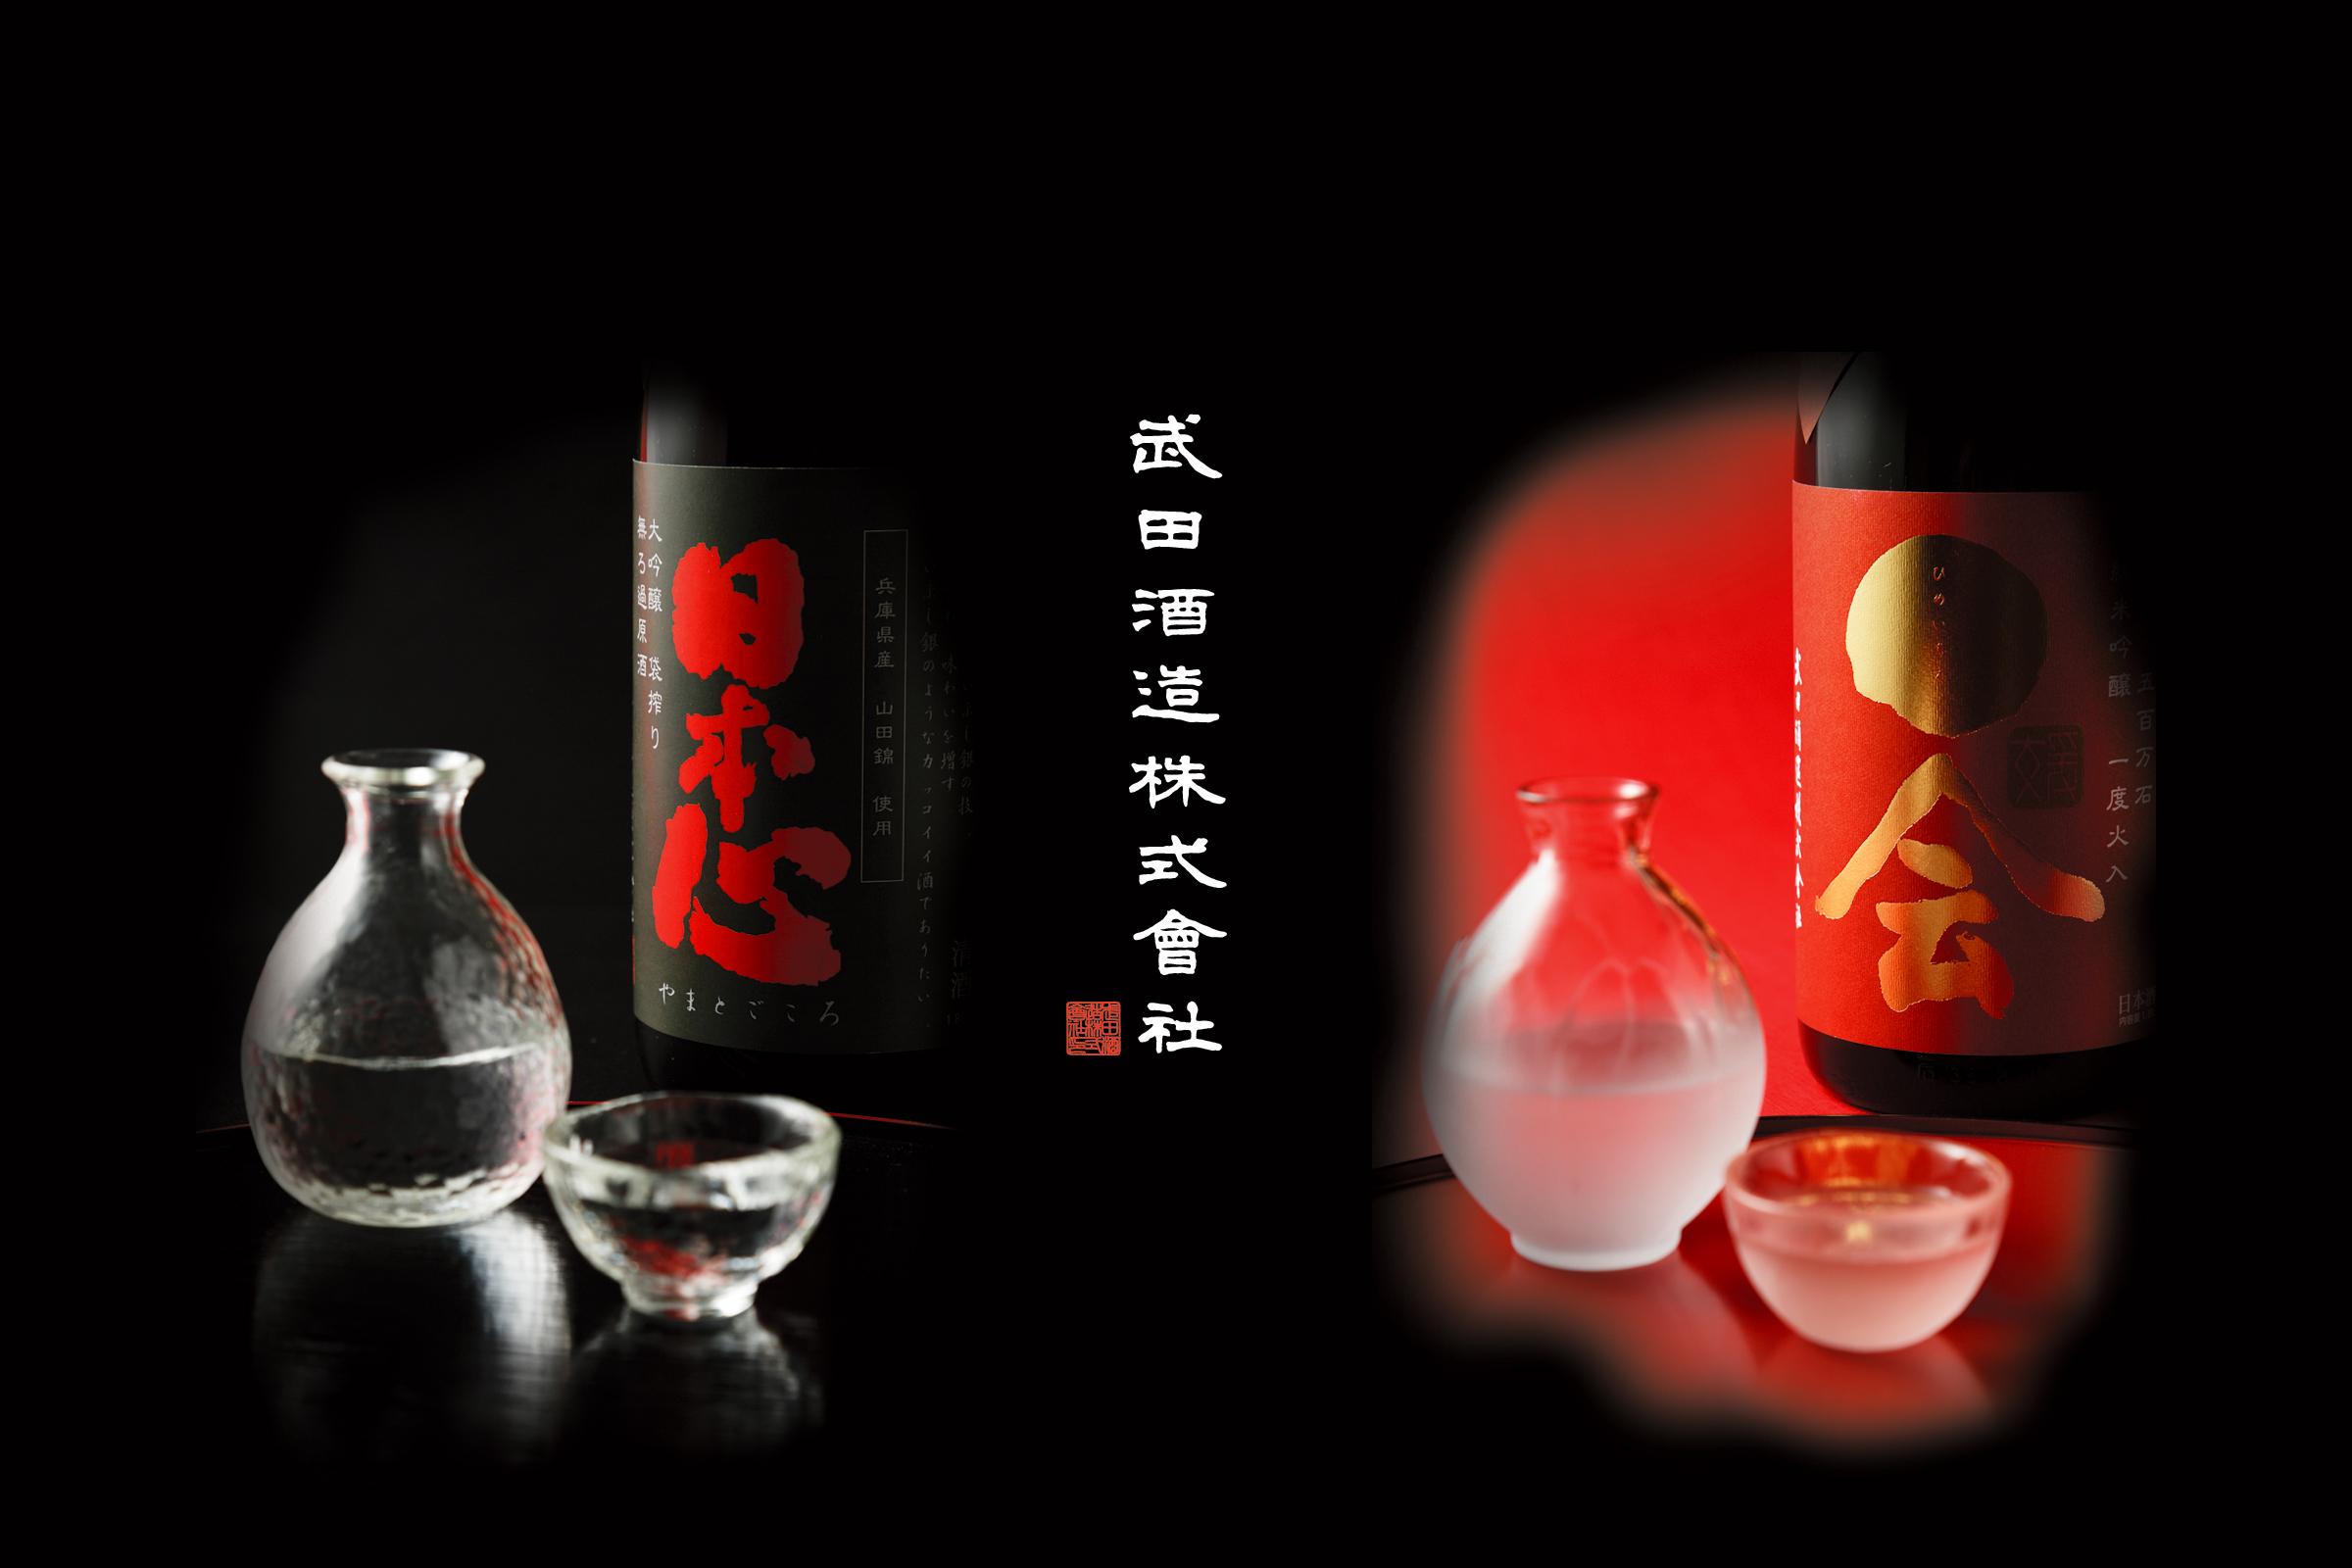 武田酒造株式会社